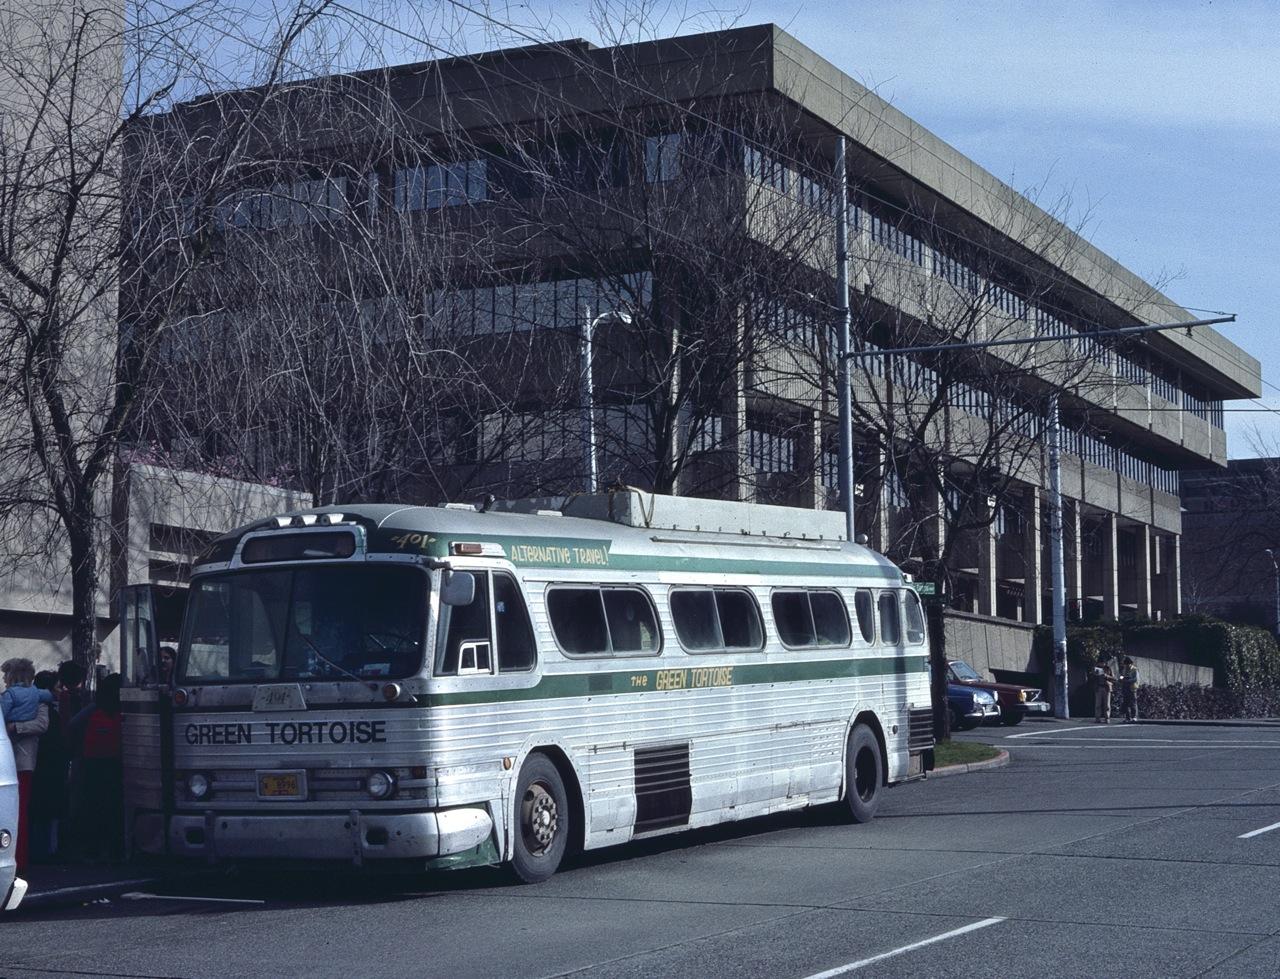 File Pd 4104 In Green Tortoise Service Seattle 1984 Jpg